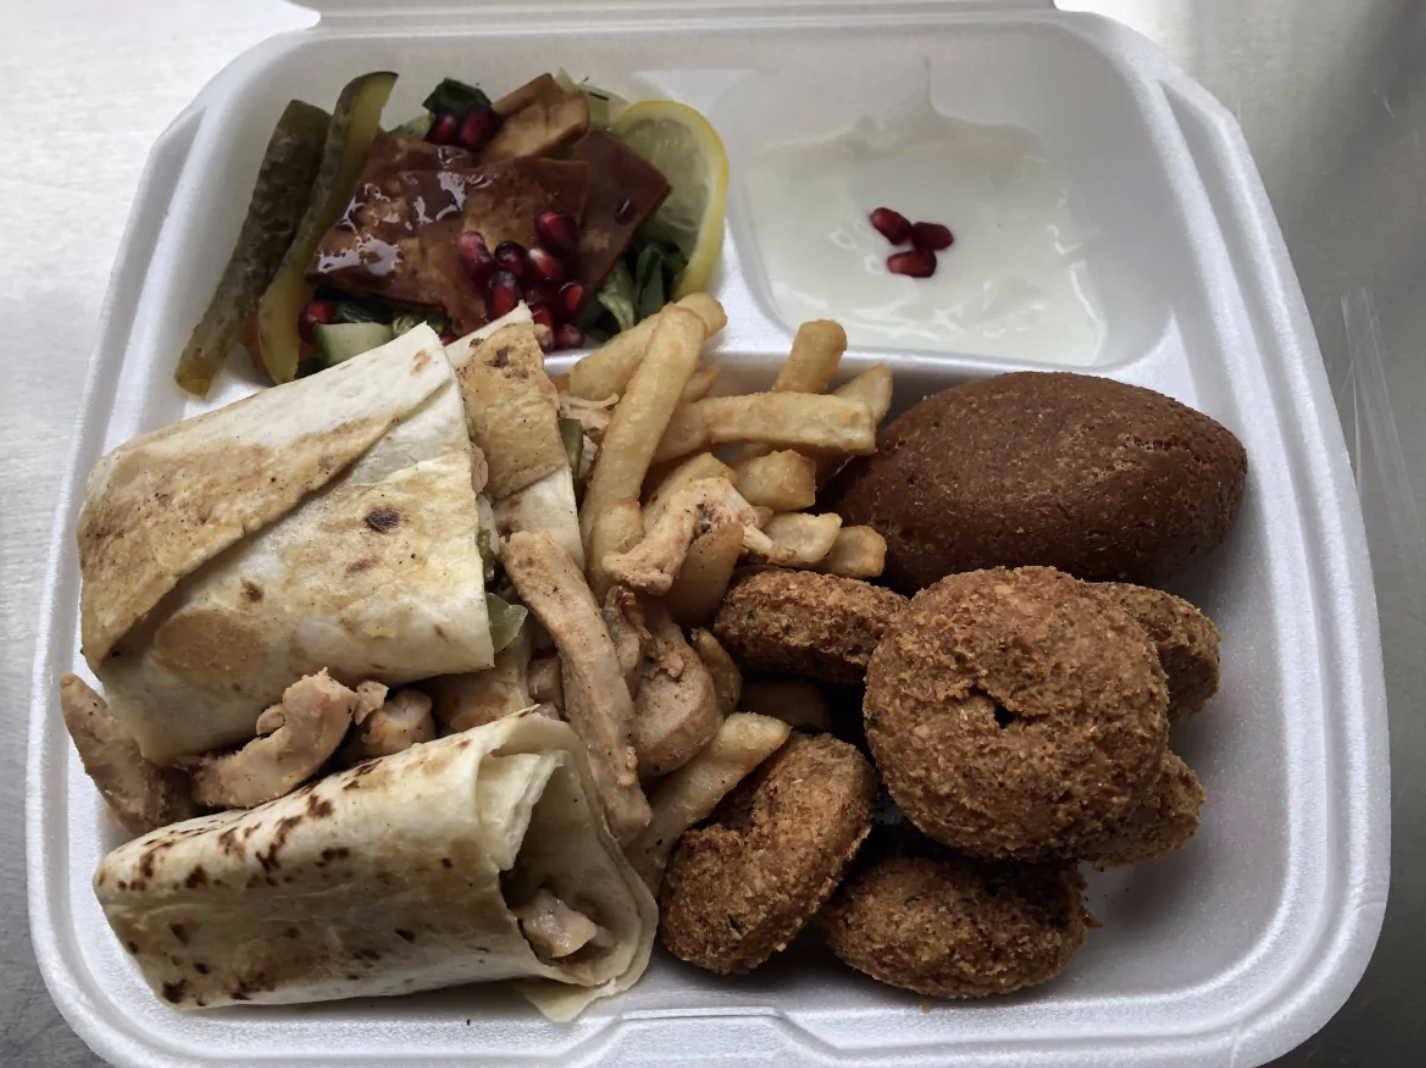 شاورما على الطريقة السورية في مطعم ضنوك (CBC)